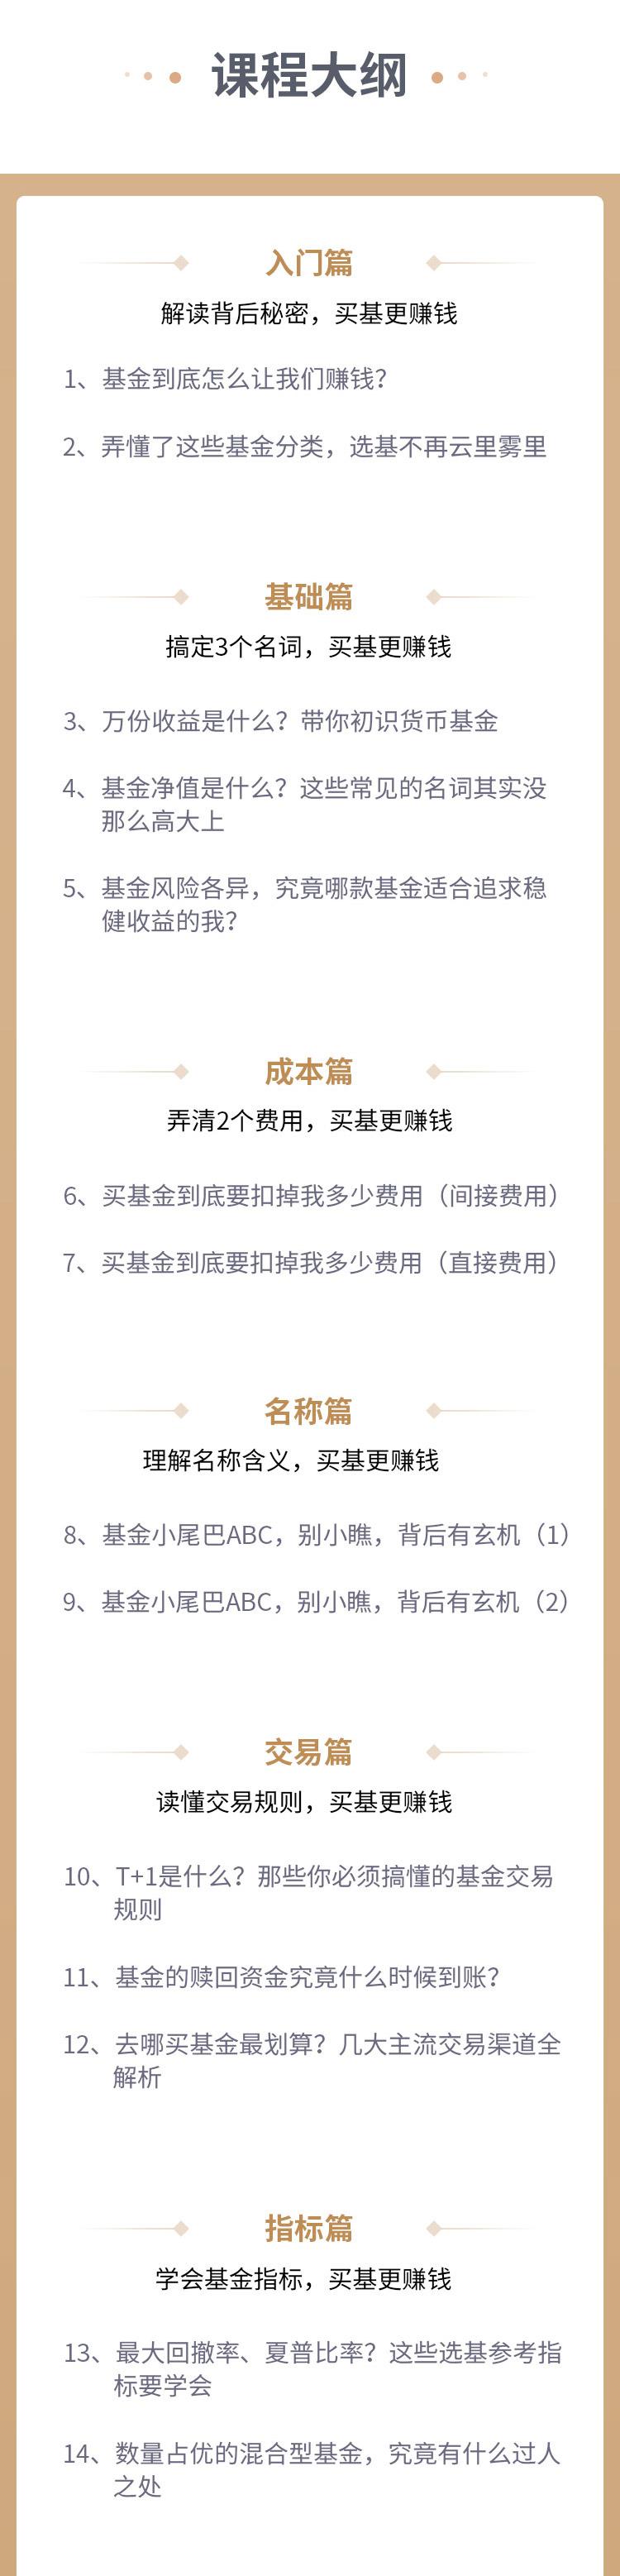 基金理财(改-12-6号)_04.jpg